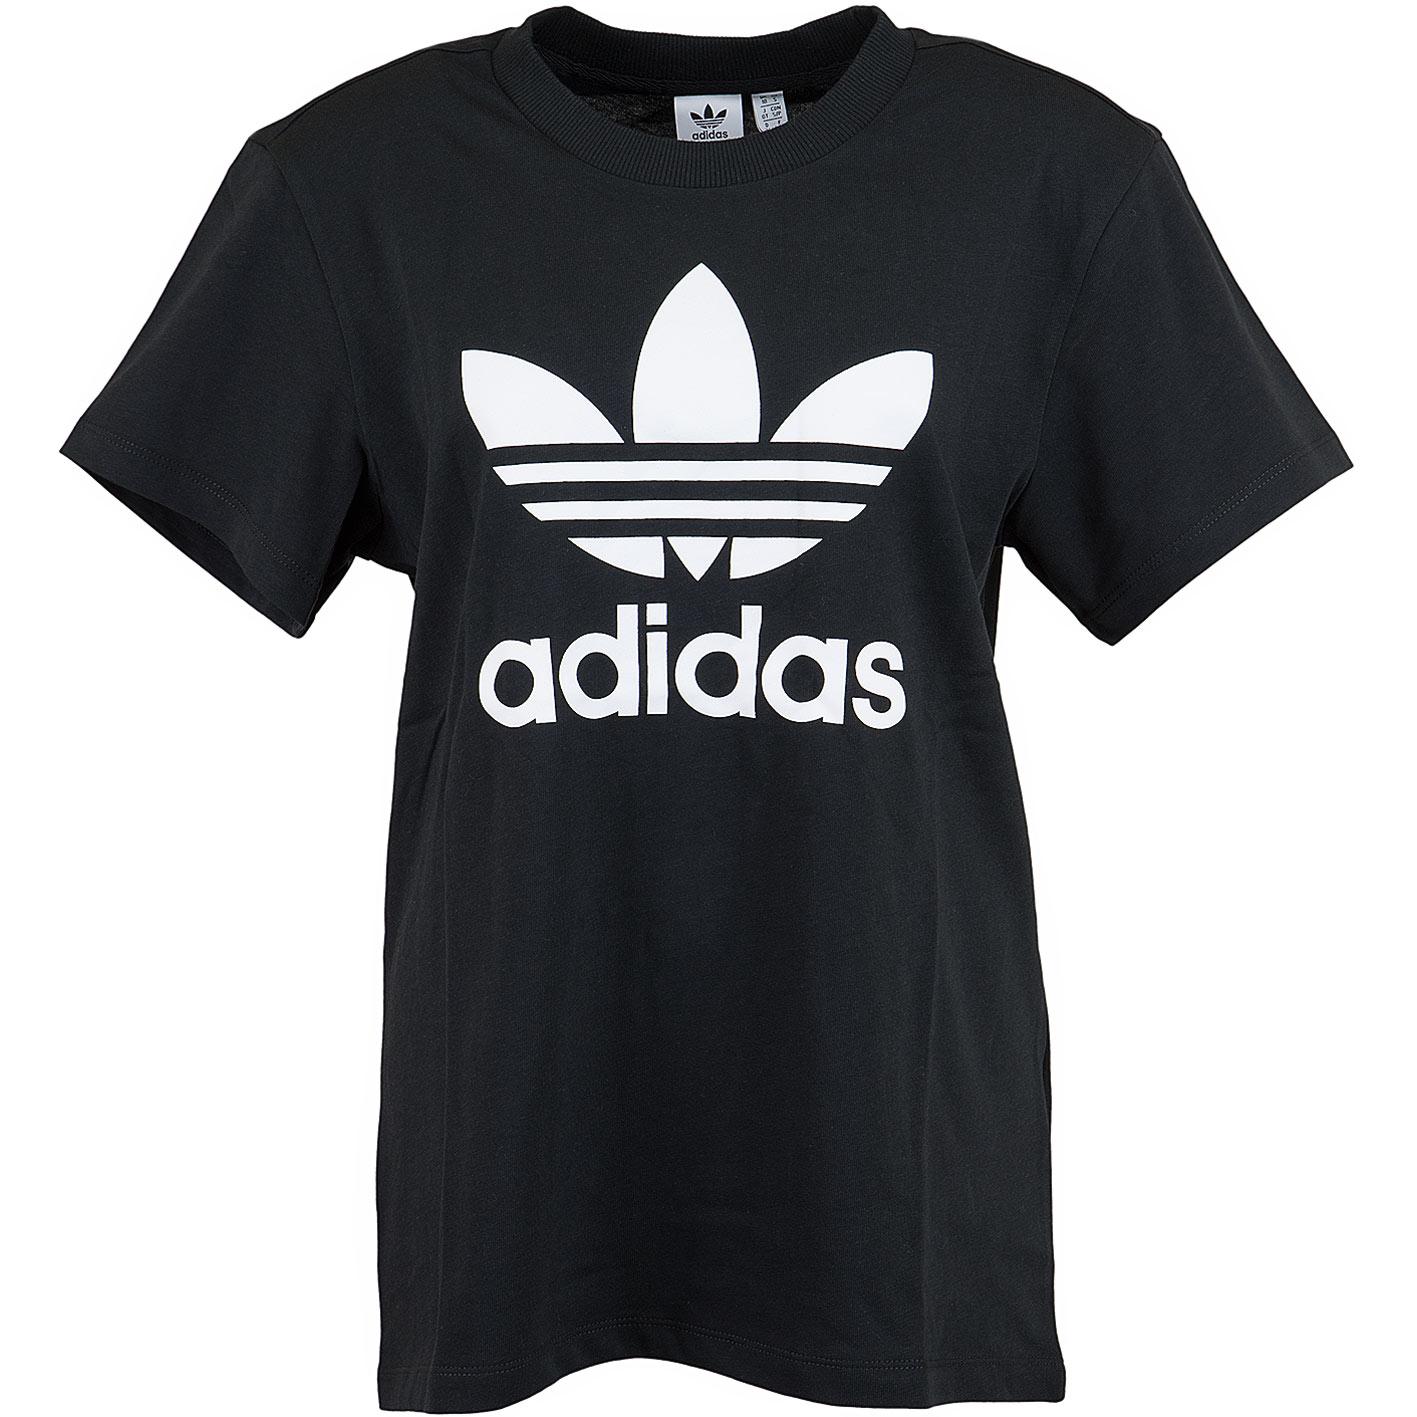 Adidas Originals Damen T Shirt Boyfriend schwarz